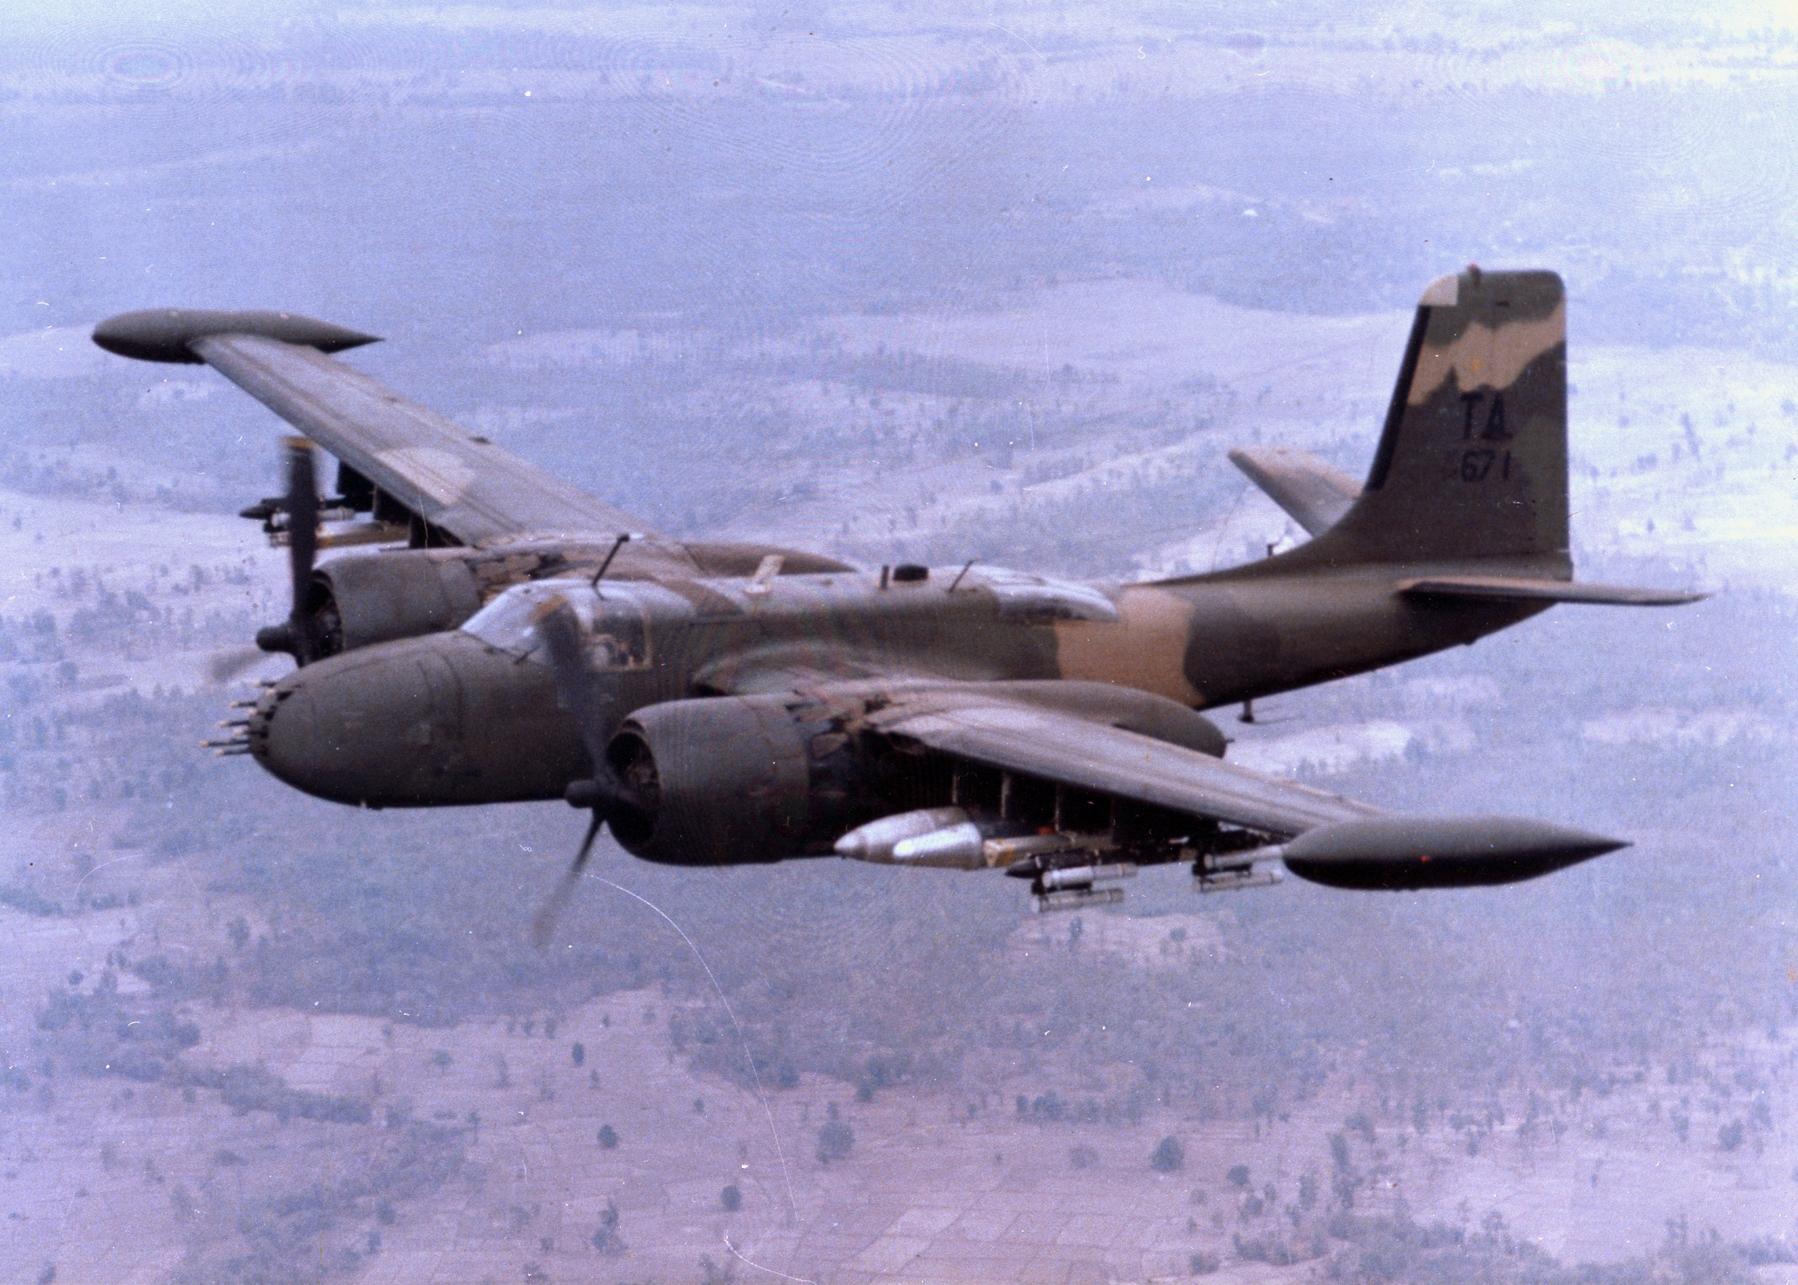 Un B-26K de la USAF en misión COIN sobre Vietnam a finales de los 60. Obsérvese las modificaciones en la deriva, los tanques de combustible auxiliares de punta de ala y los soportes bajo la misma